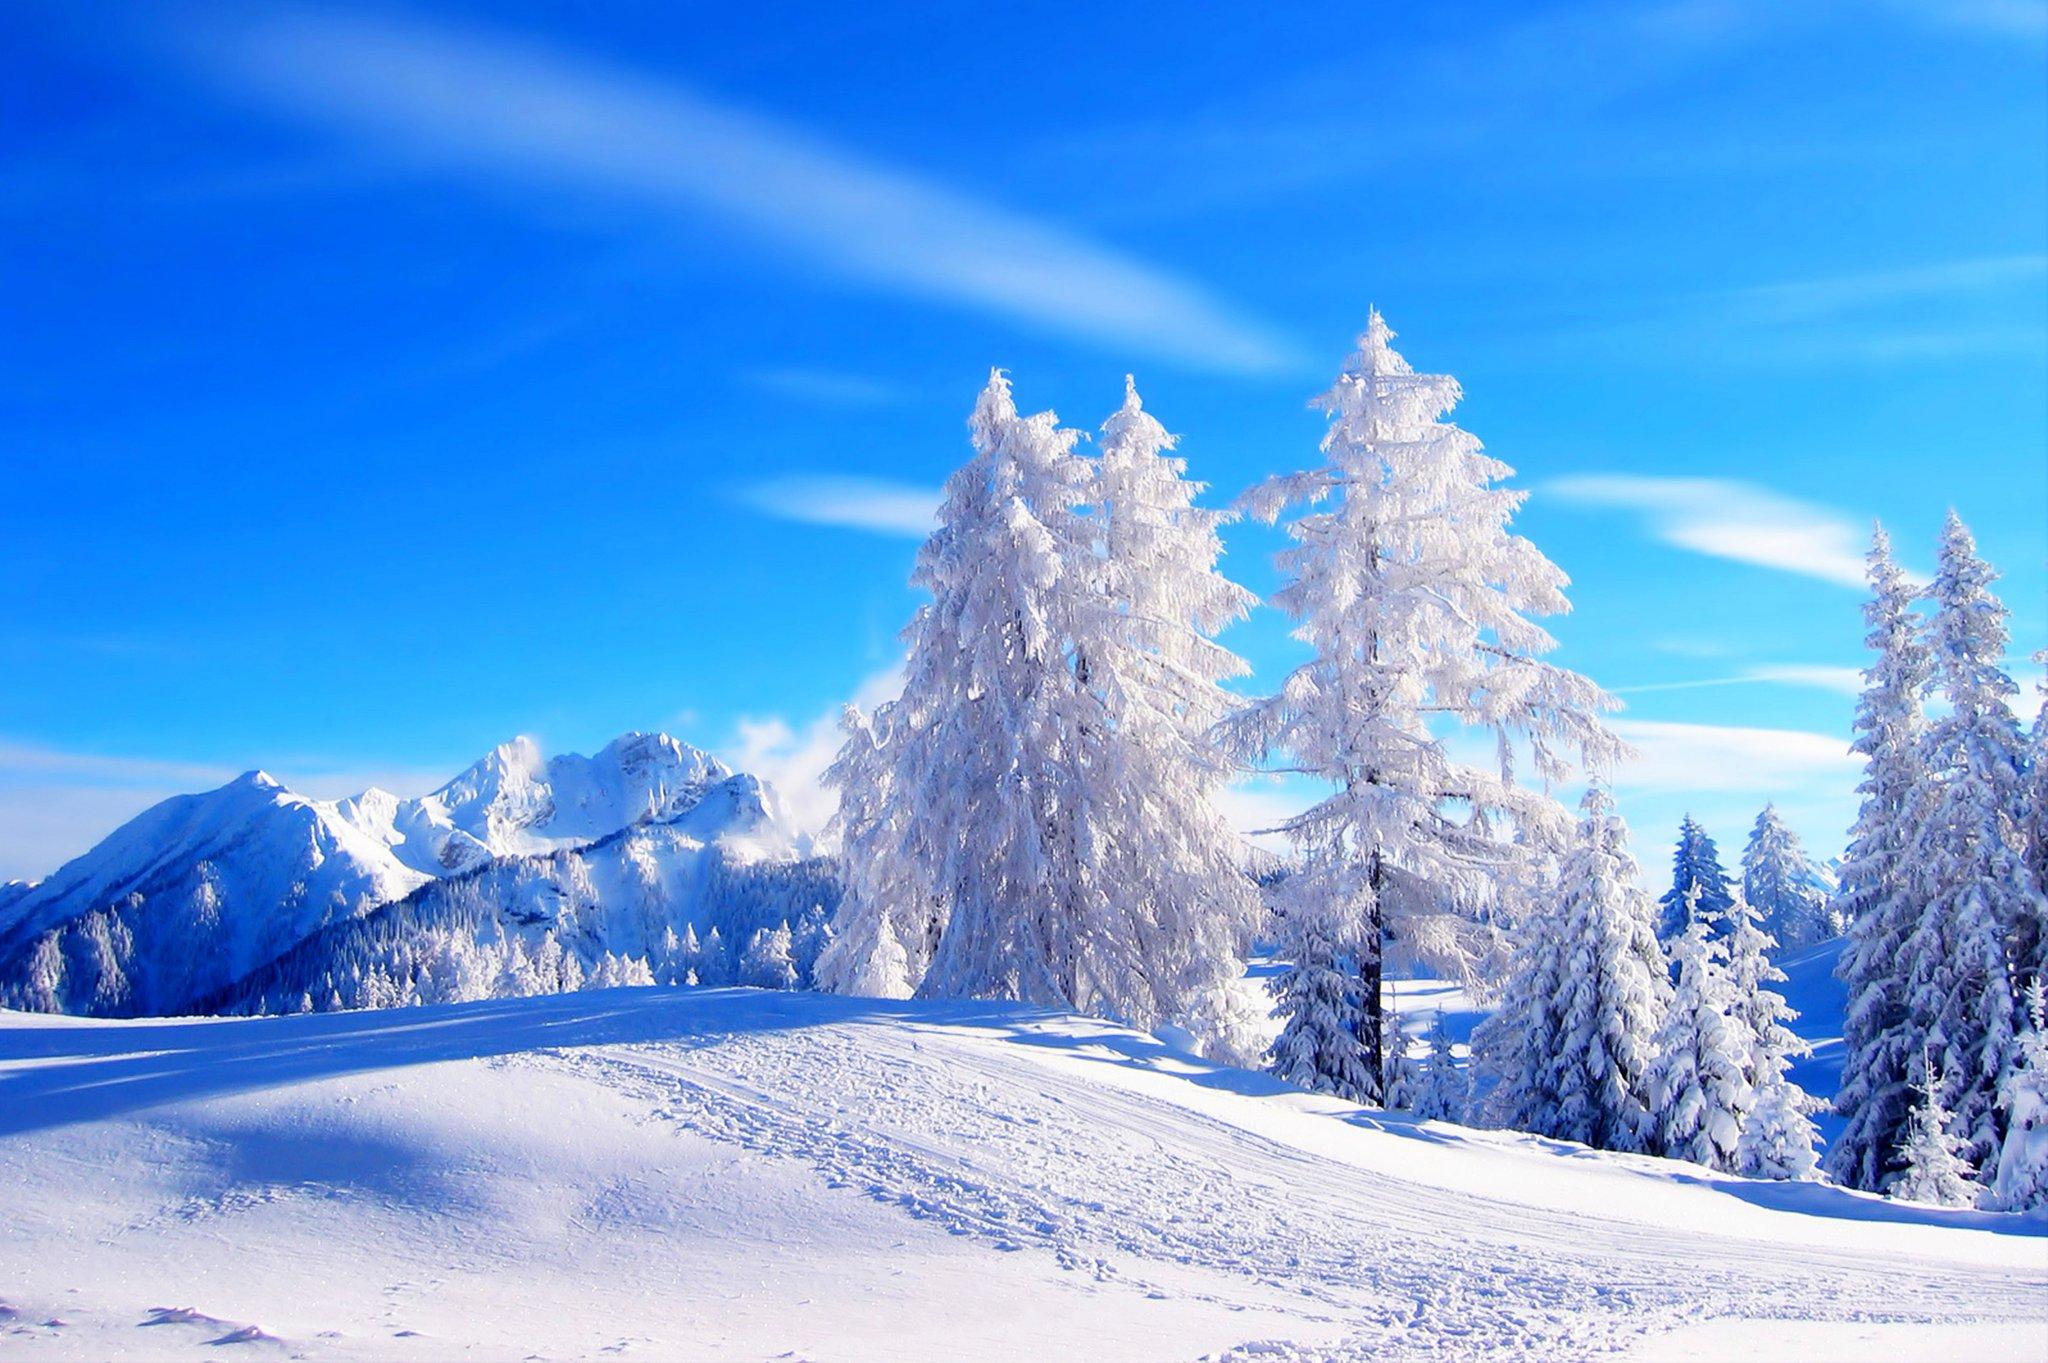 картинки зима в высоком качестве на русском окончания